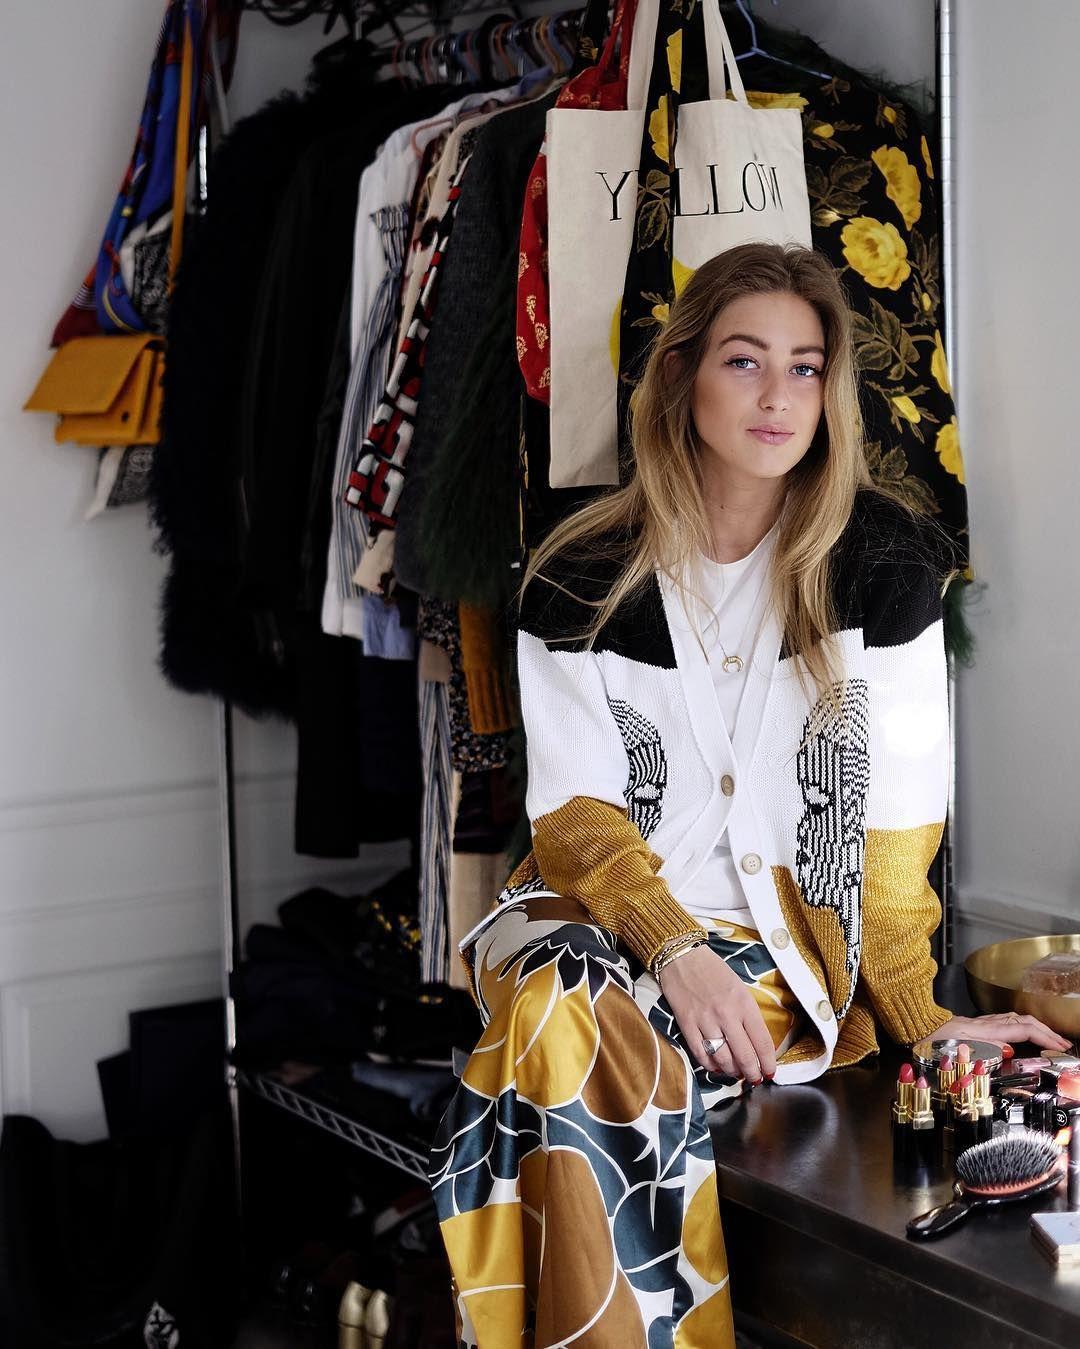 Copenhagen Fashion stylist / emilisindlev@hotmail.com Fashion Assistant at Cover Magazine / es@cover.dk